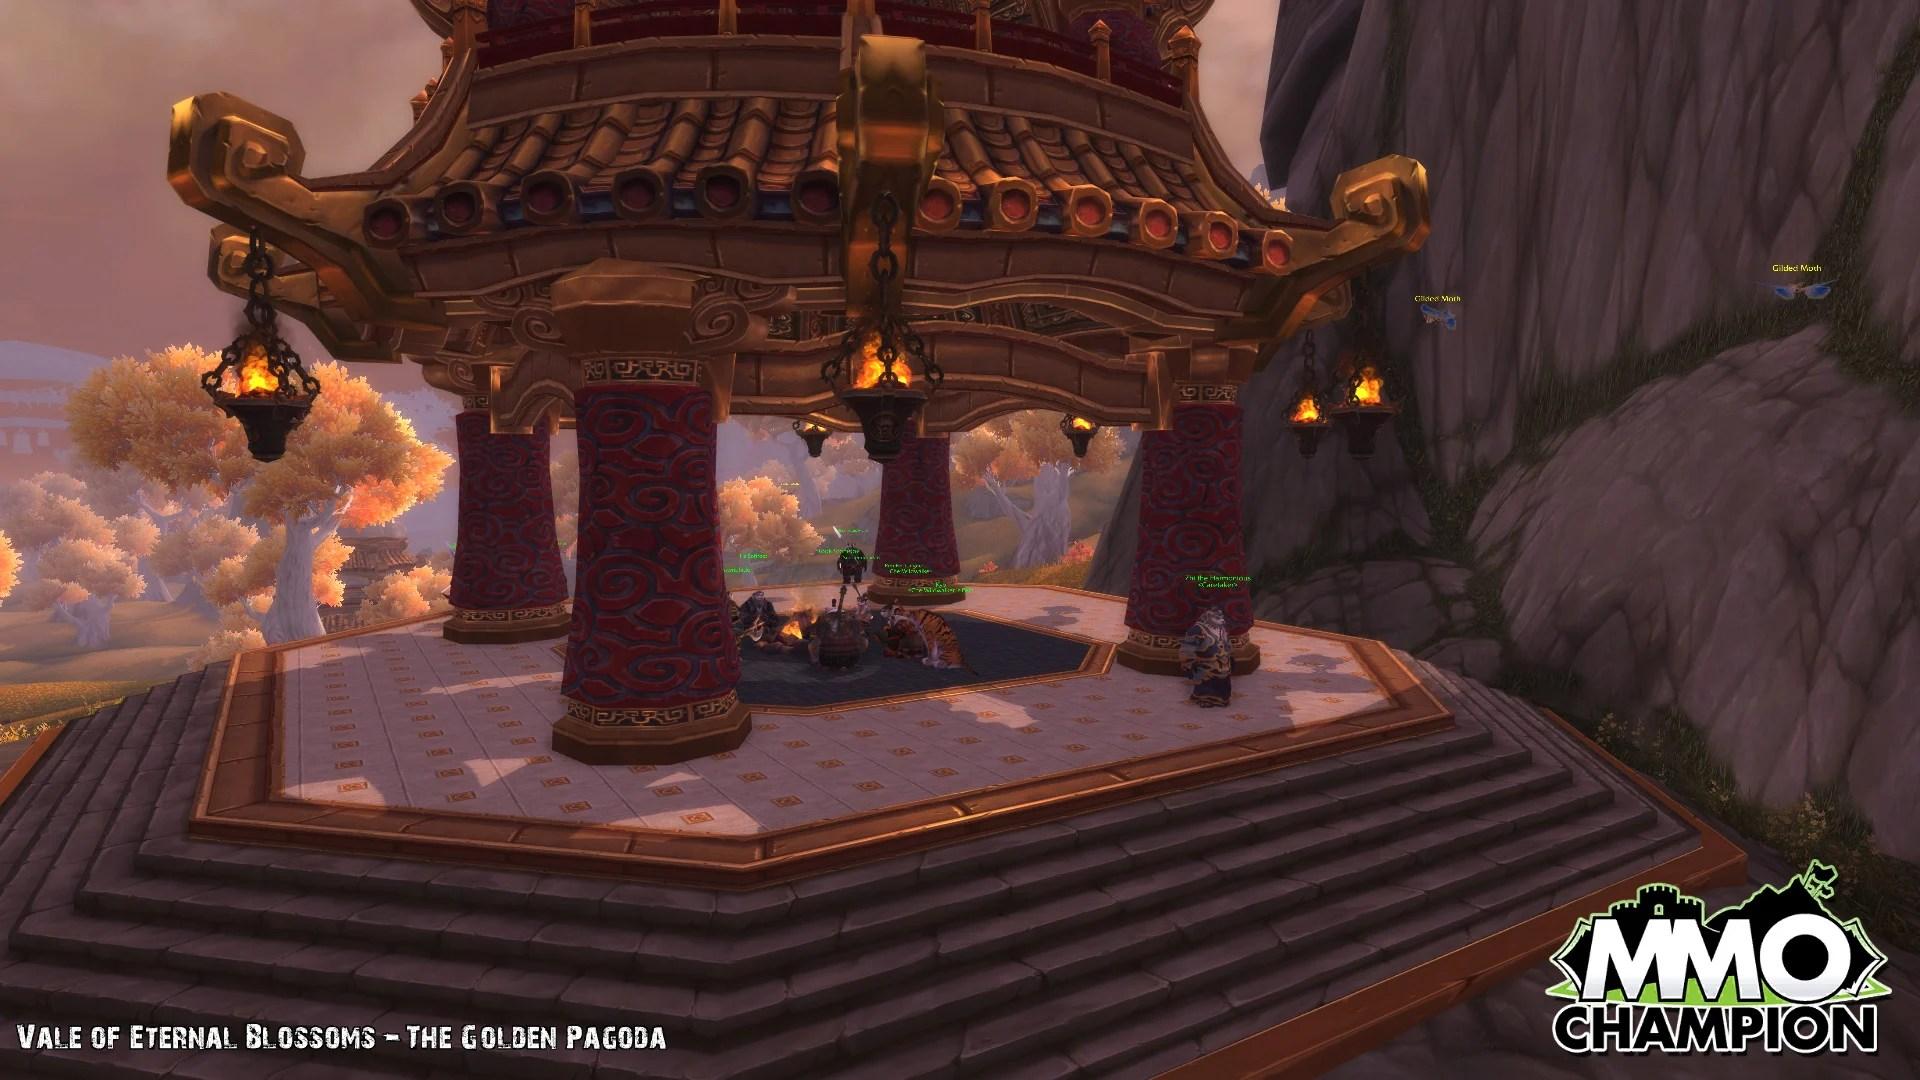 潘達莉亞之謎 經典logo取代潘達利亞迷霧logo+日常任務點預覽 - 魔獸世界官網--潘達莉亞之謎官方官網攻略專區